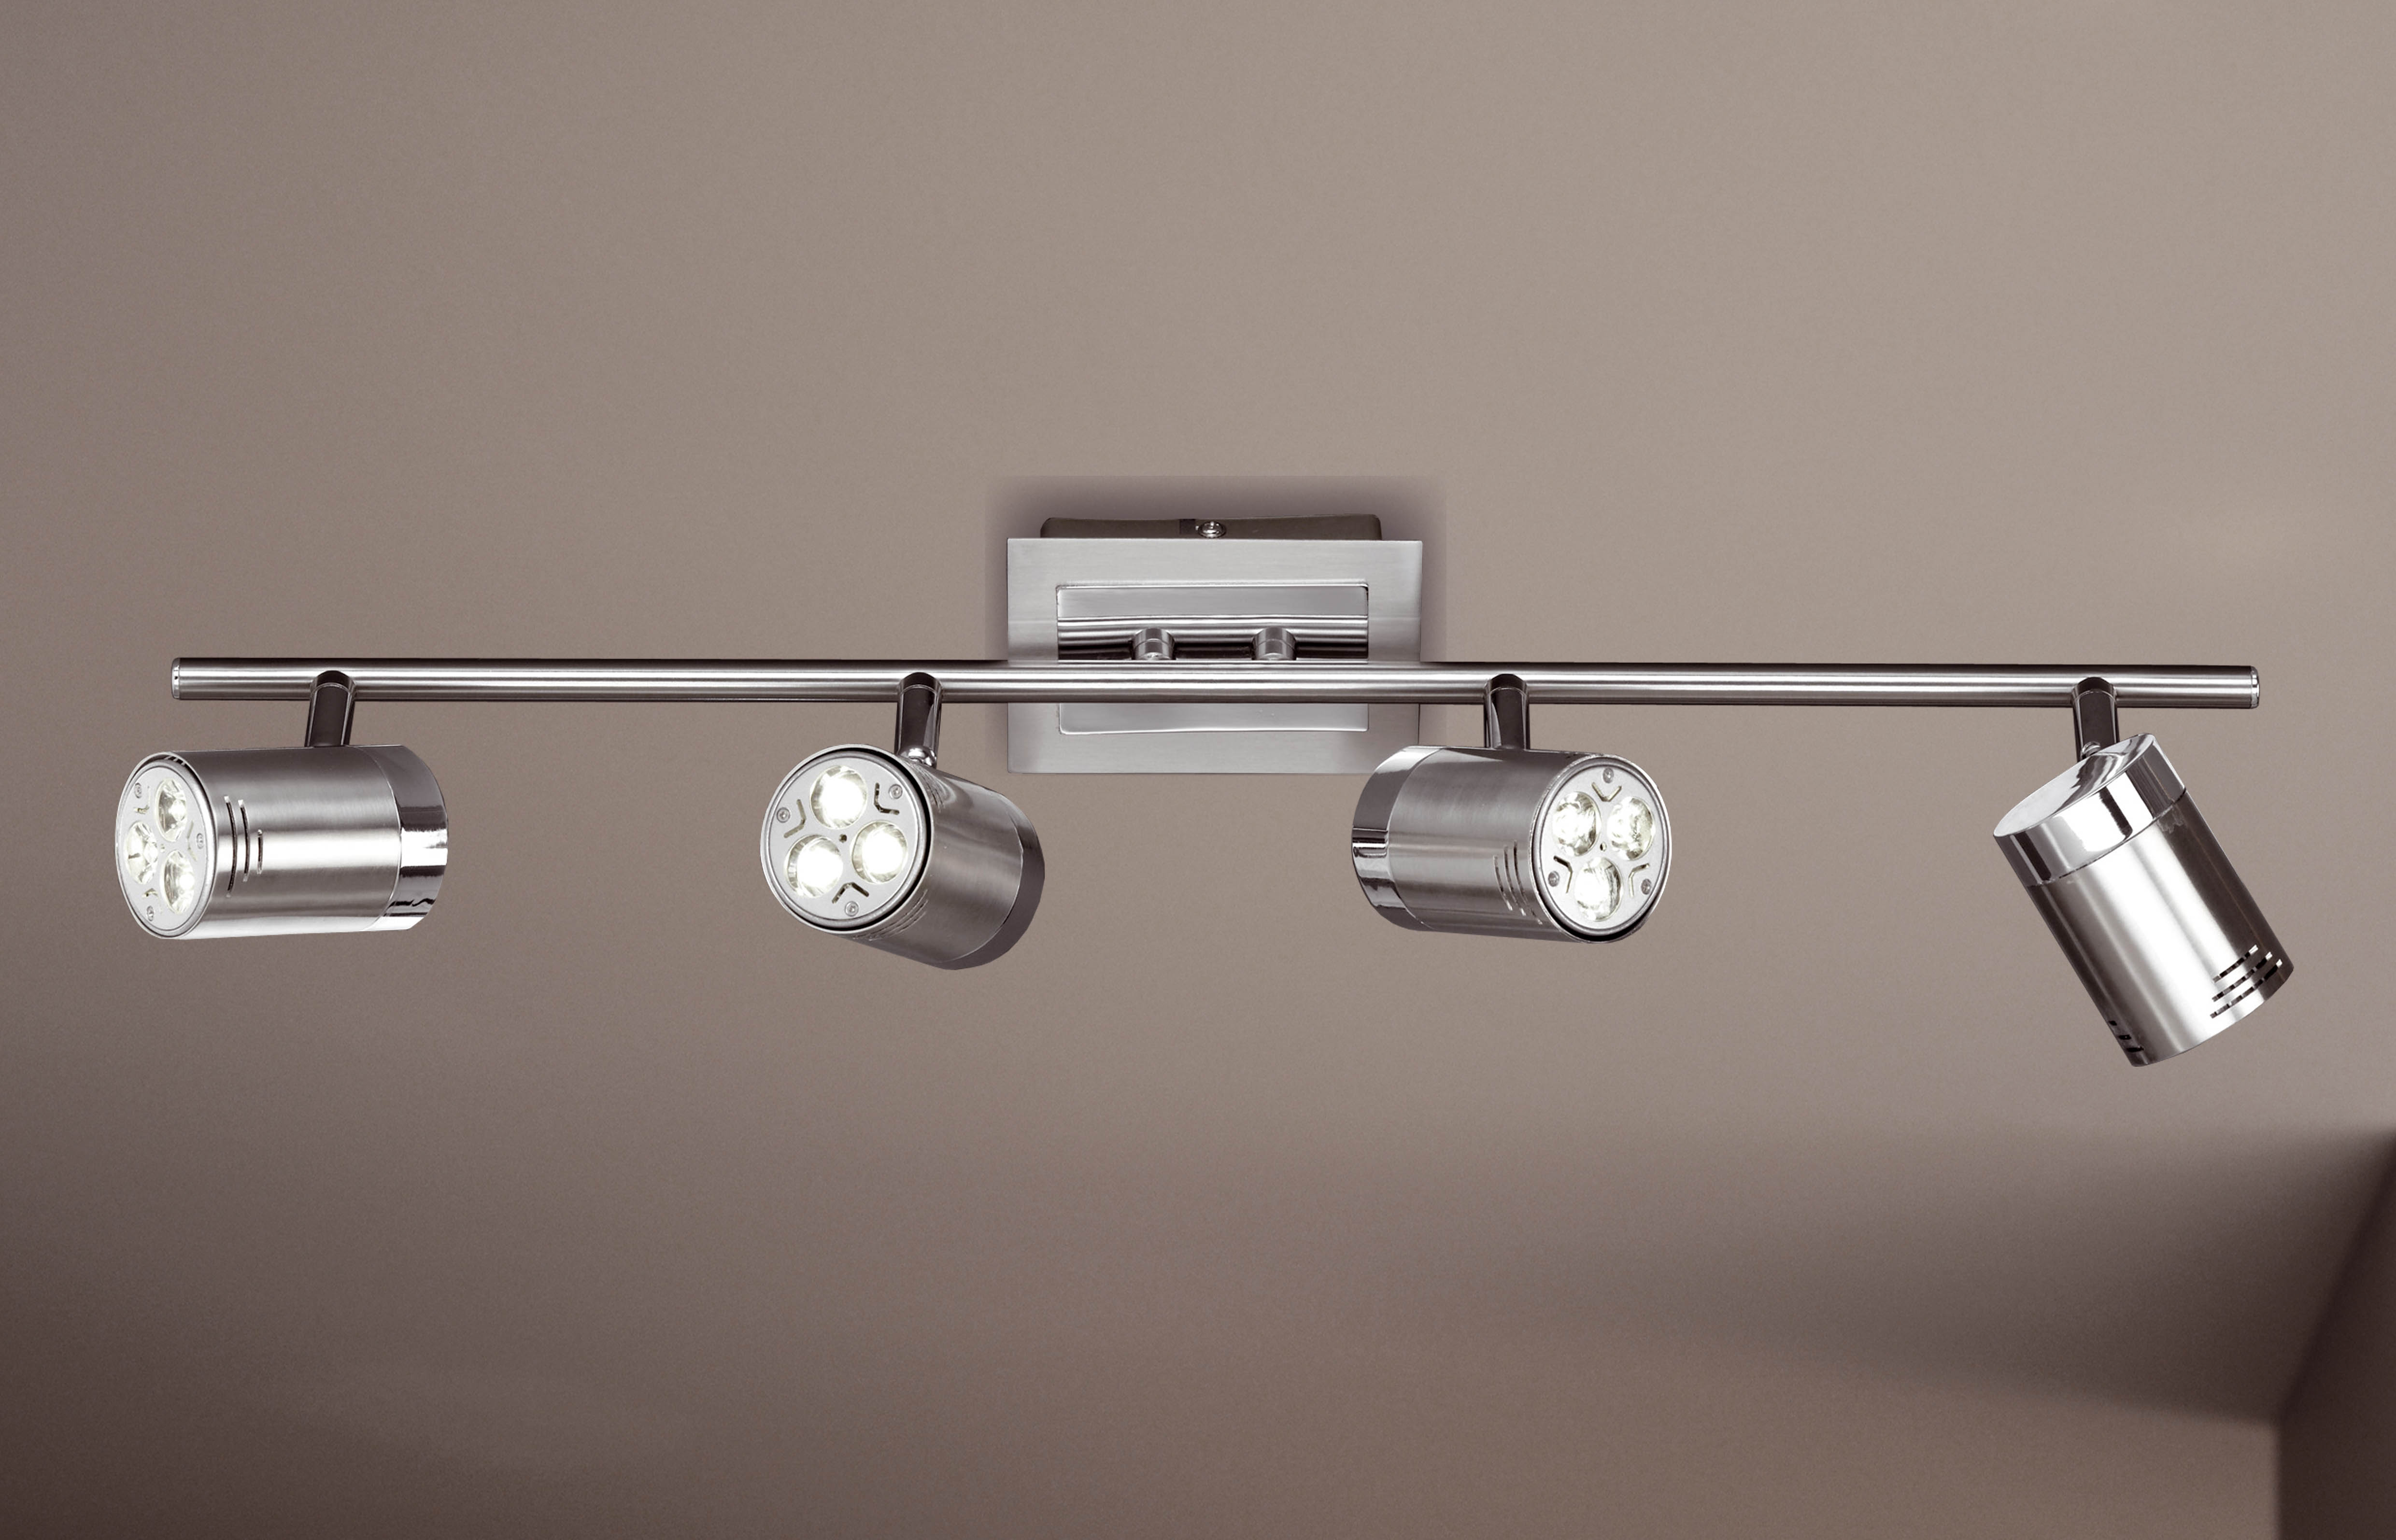 Wofi Spotové svítidlo NOA 4x GU10 4 W matný nikl WO 7393.04.64.0000